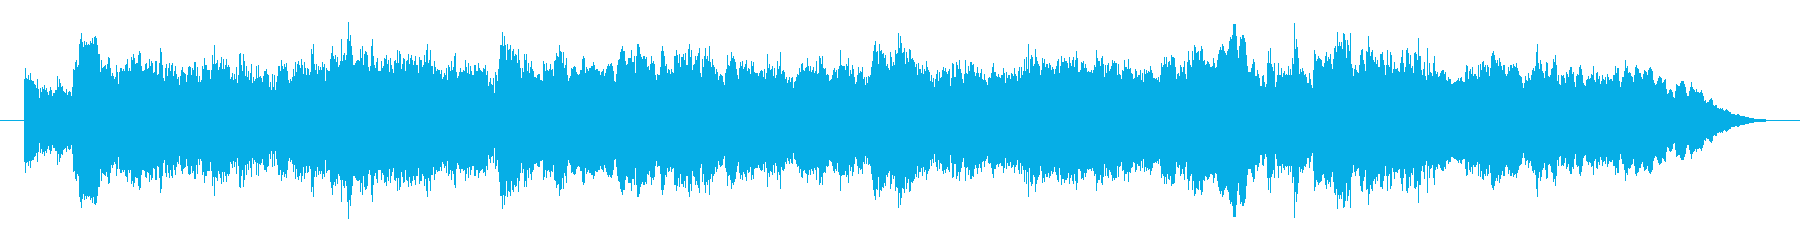 オーボエの切ないSoloの再生済みの波形